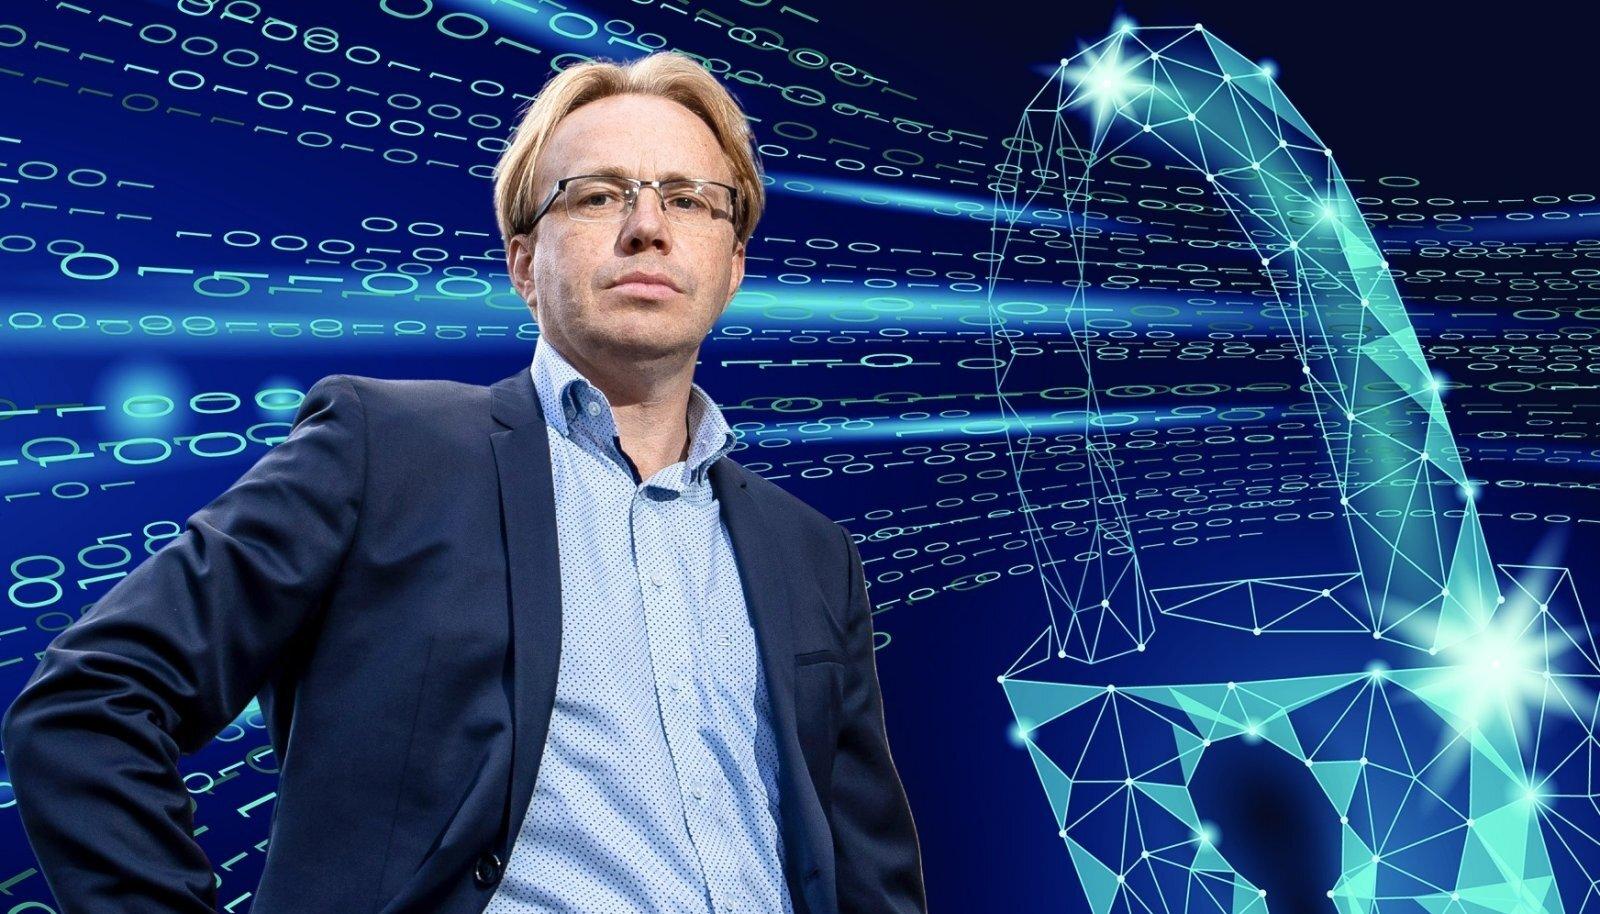 Artikli autor Ülar Maapalu on OÜ Aktiva Finantsi juhataja. Aktiva Finants on accountscoring.com, taust.ee ja Julianus Inkasso omanik.